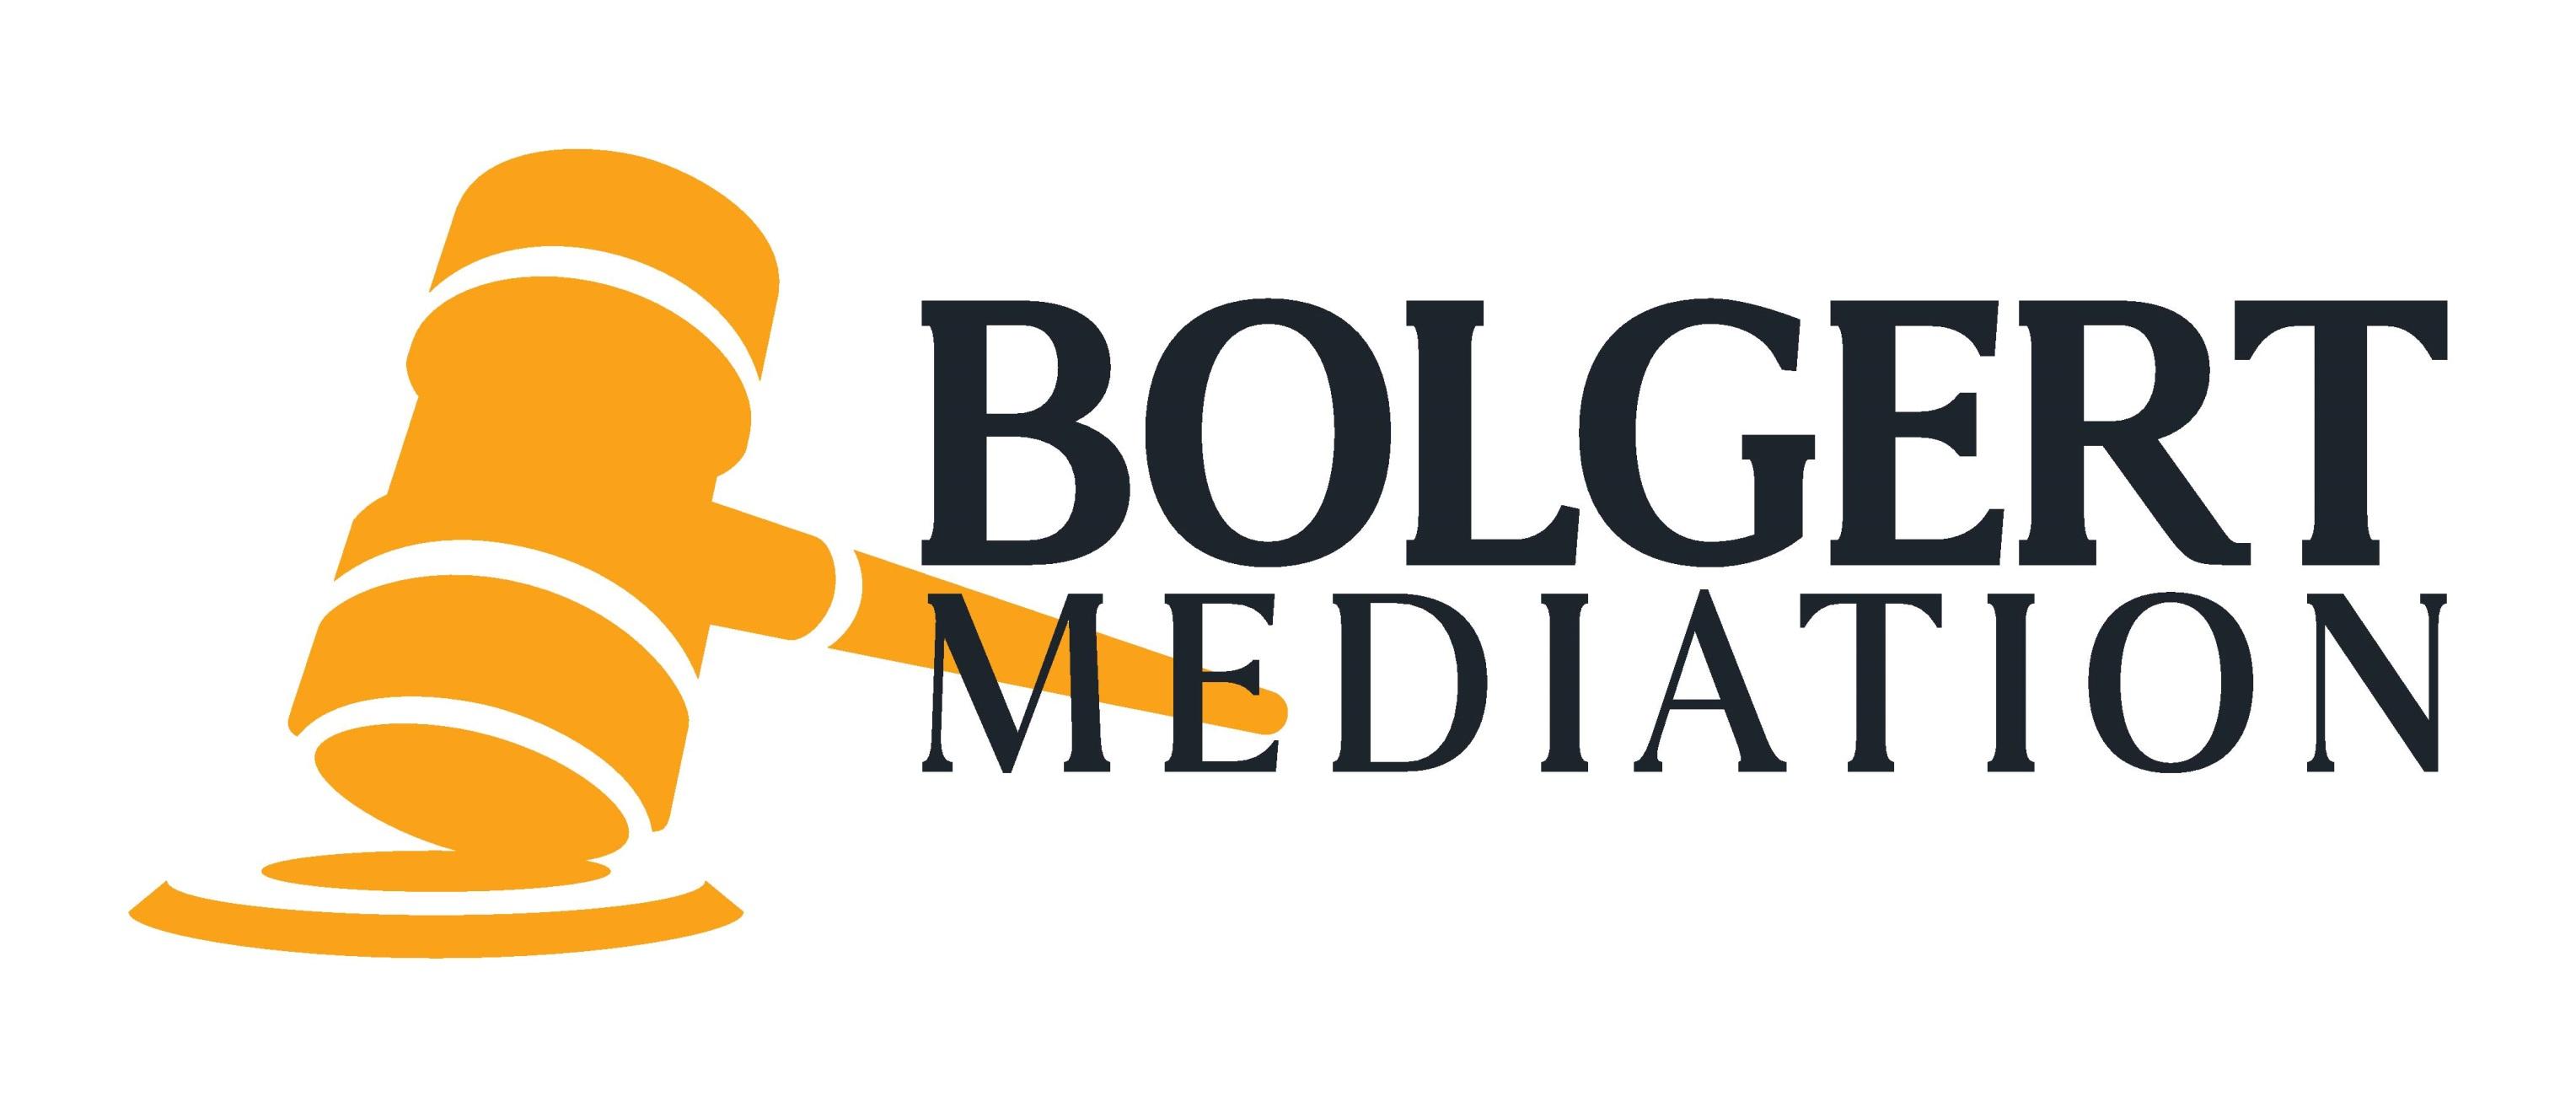 Bolgert Mediation 2018